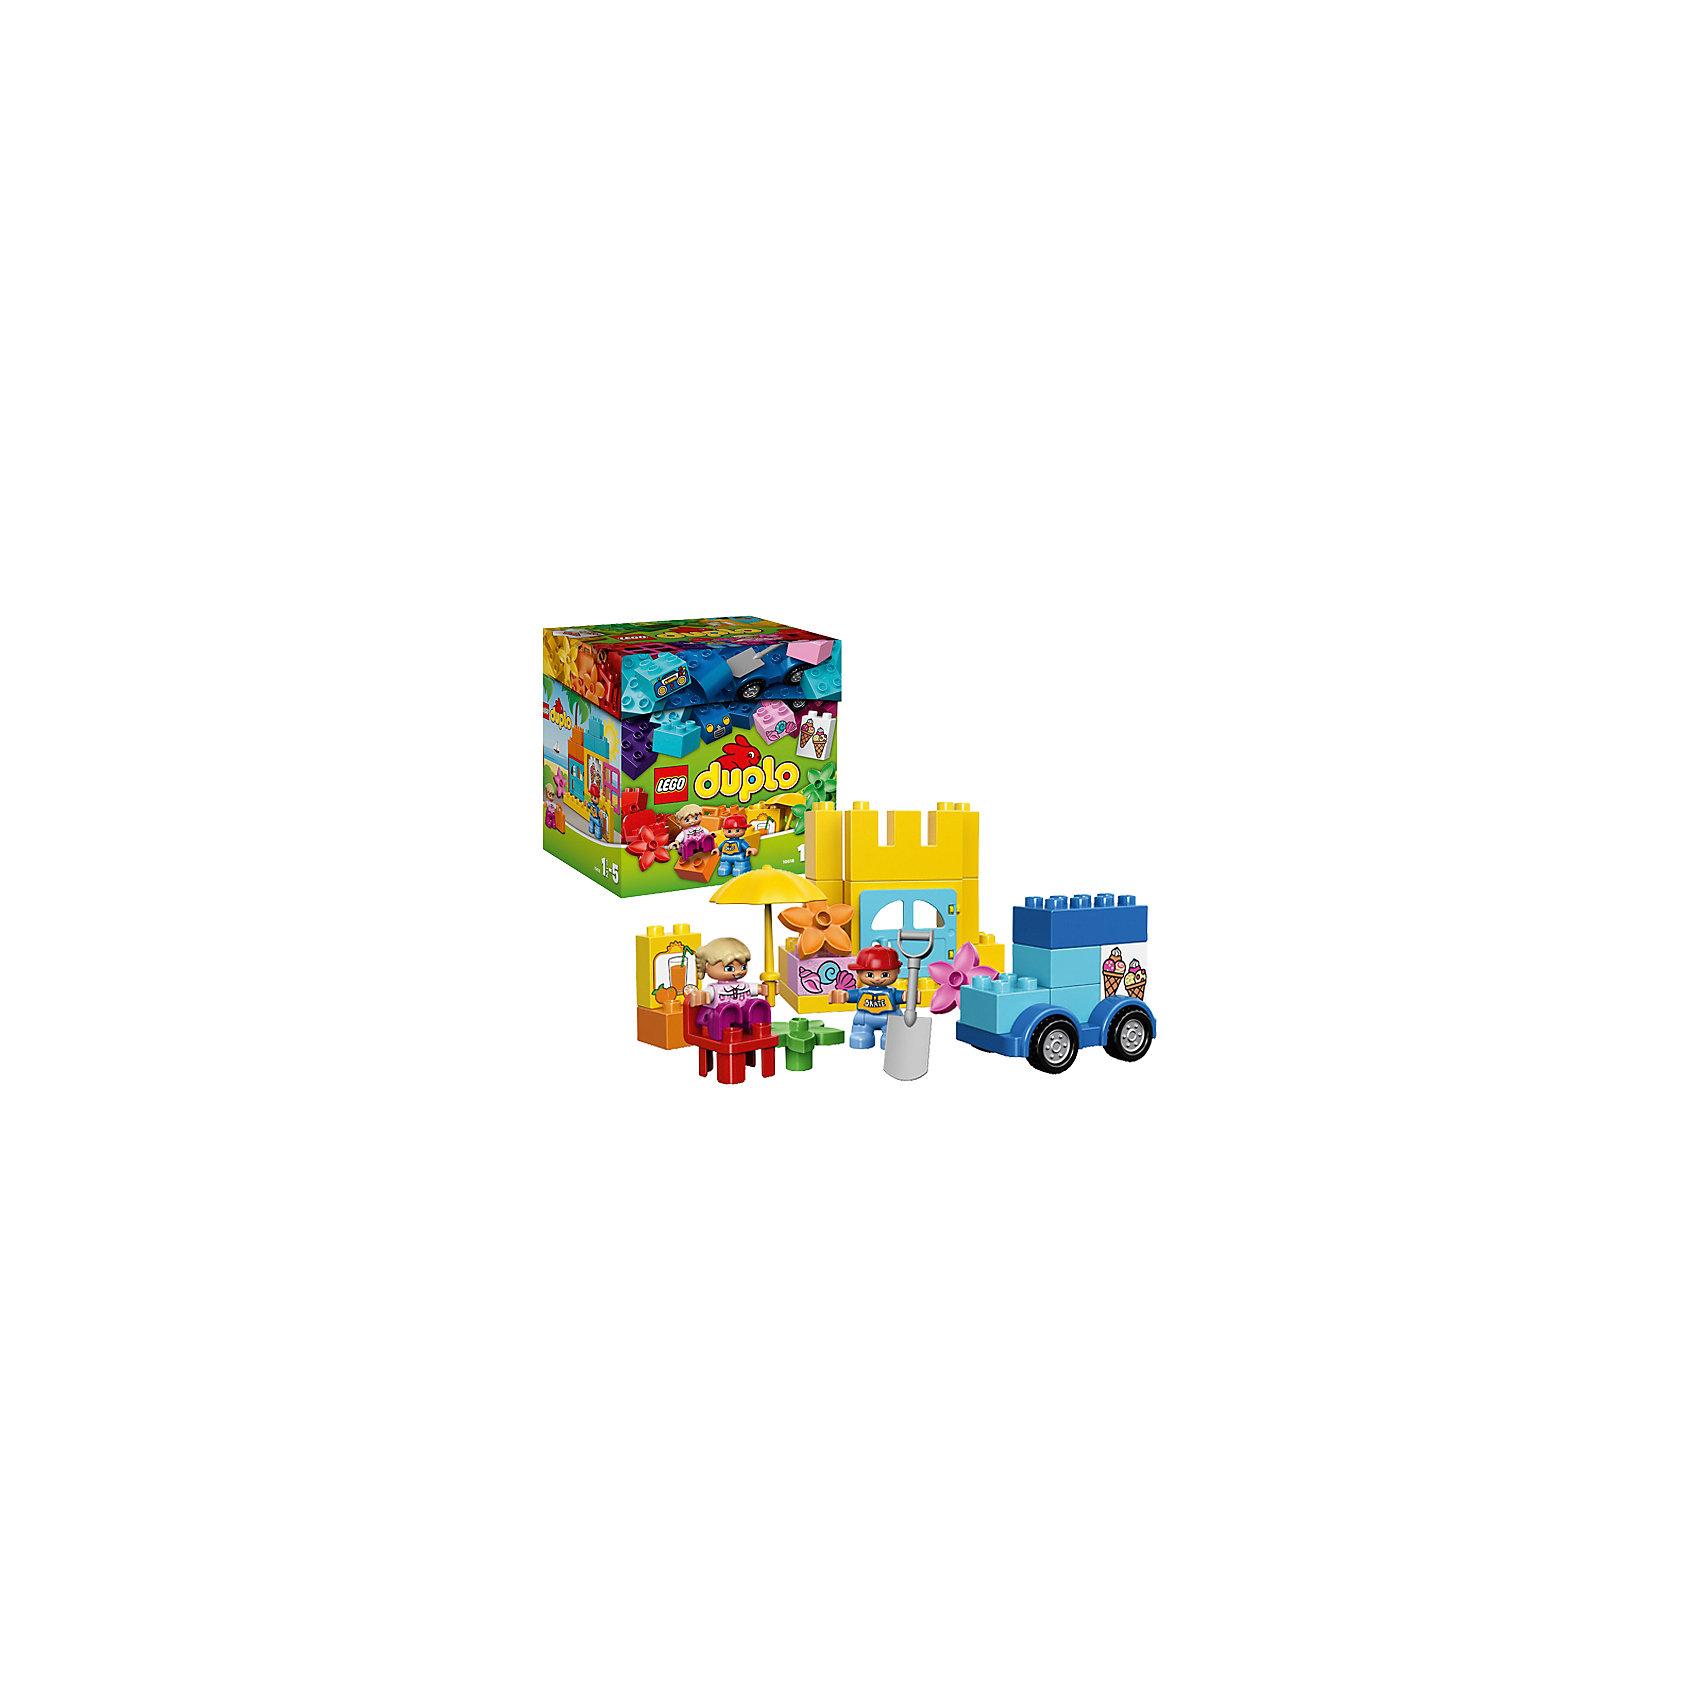 LEGO DUPLO 10618: Весёлые каникулыКреативный набор LEGO DUPLO (ЛЕГО Дупло) 10618: Весёлые каникулы поможет освоить основы конструирования и придумать много историй про отдых и путешествия двух друзей. Используйте яркие декорированные кубики и другие элементы для того, что бы построить домик, автомобиль с открытым верхом, фургон с мороженым, замок из песка. Чтобы игра стала более реалистичной и интересной можно воспользоваться деталями с изображениями мороженого, апельсинового сока, магнитофона и морских ракушек и аксессуарами (тент, чемодан, стулья и цветы, магнитофон).<br><br>Конструкторы LEGO DUPLO (ЛЕГО ДУПЛО), предназначенные для детей дошкольного возраста, сочетают игру и обучение, а также развивают мелкую моторику, пространственное мышление и творческие способности малышей и дошкольников. Кубики LEGO DUPLO (ЛЕГО ДУПЛО) в 8 раз больше, чем обычные кубики, что позволяет ребенку удобно их держать и быстро строить. Большое количество дополнительных элементов делает игровые сюжеты по-настоящему захватывающими и реалистичными. Все наборы ЛЕГО ДУПЛО соответствуют самым высоким европейским стандартам качества и абсолютно безопасны. <br><br>Дополнительная информация:<br>-Размер упаковки: 23,2x22,5x19,1 см<br>-Размеры замка из песка:  11х12х5 см<br>-Размеры машинки: 8х9х6 см<br>-Вес: 1,00 кг<br>-Деталей: 70 шт.<br>-Материал: пластик<br>-Весь набор упакован в фирменную картонную коробку ЛЕГО<br><br>LEGO DUPLO (ЛЕГО Дупло) 10618: Весёлые каникулы можно купить в нашем магазине.<br><br>Ширина мм: 230<br>Глубина мм: 195<br>Высота мм: 228<br>Вес г: 841<br>Возраст от месяцев: 18<br>Возраст до месяцев: 60<br>Пол: Унисекс<br>Возраст: Детский<br>SKU: 3974074